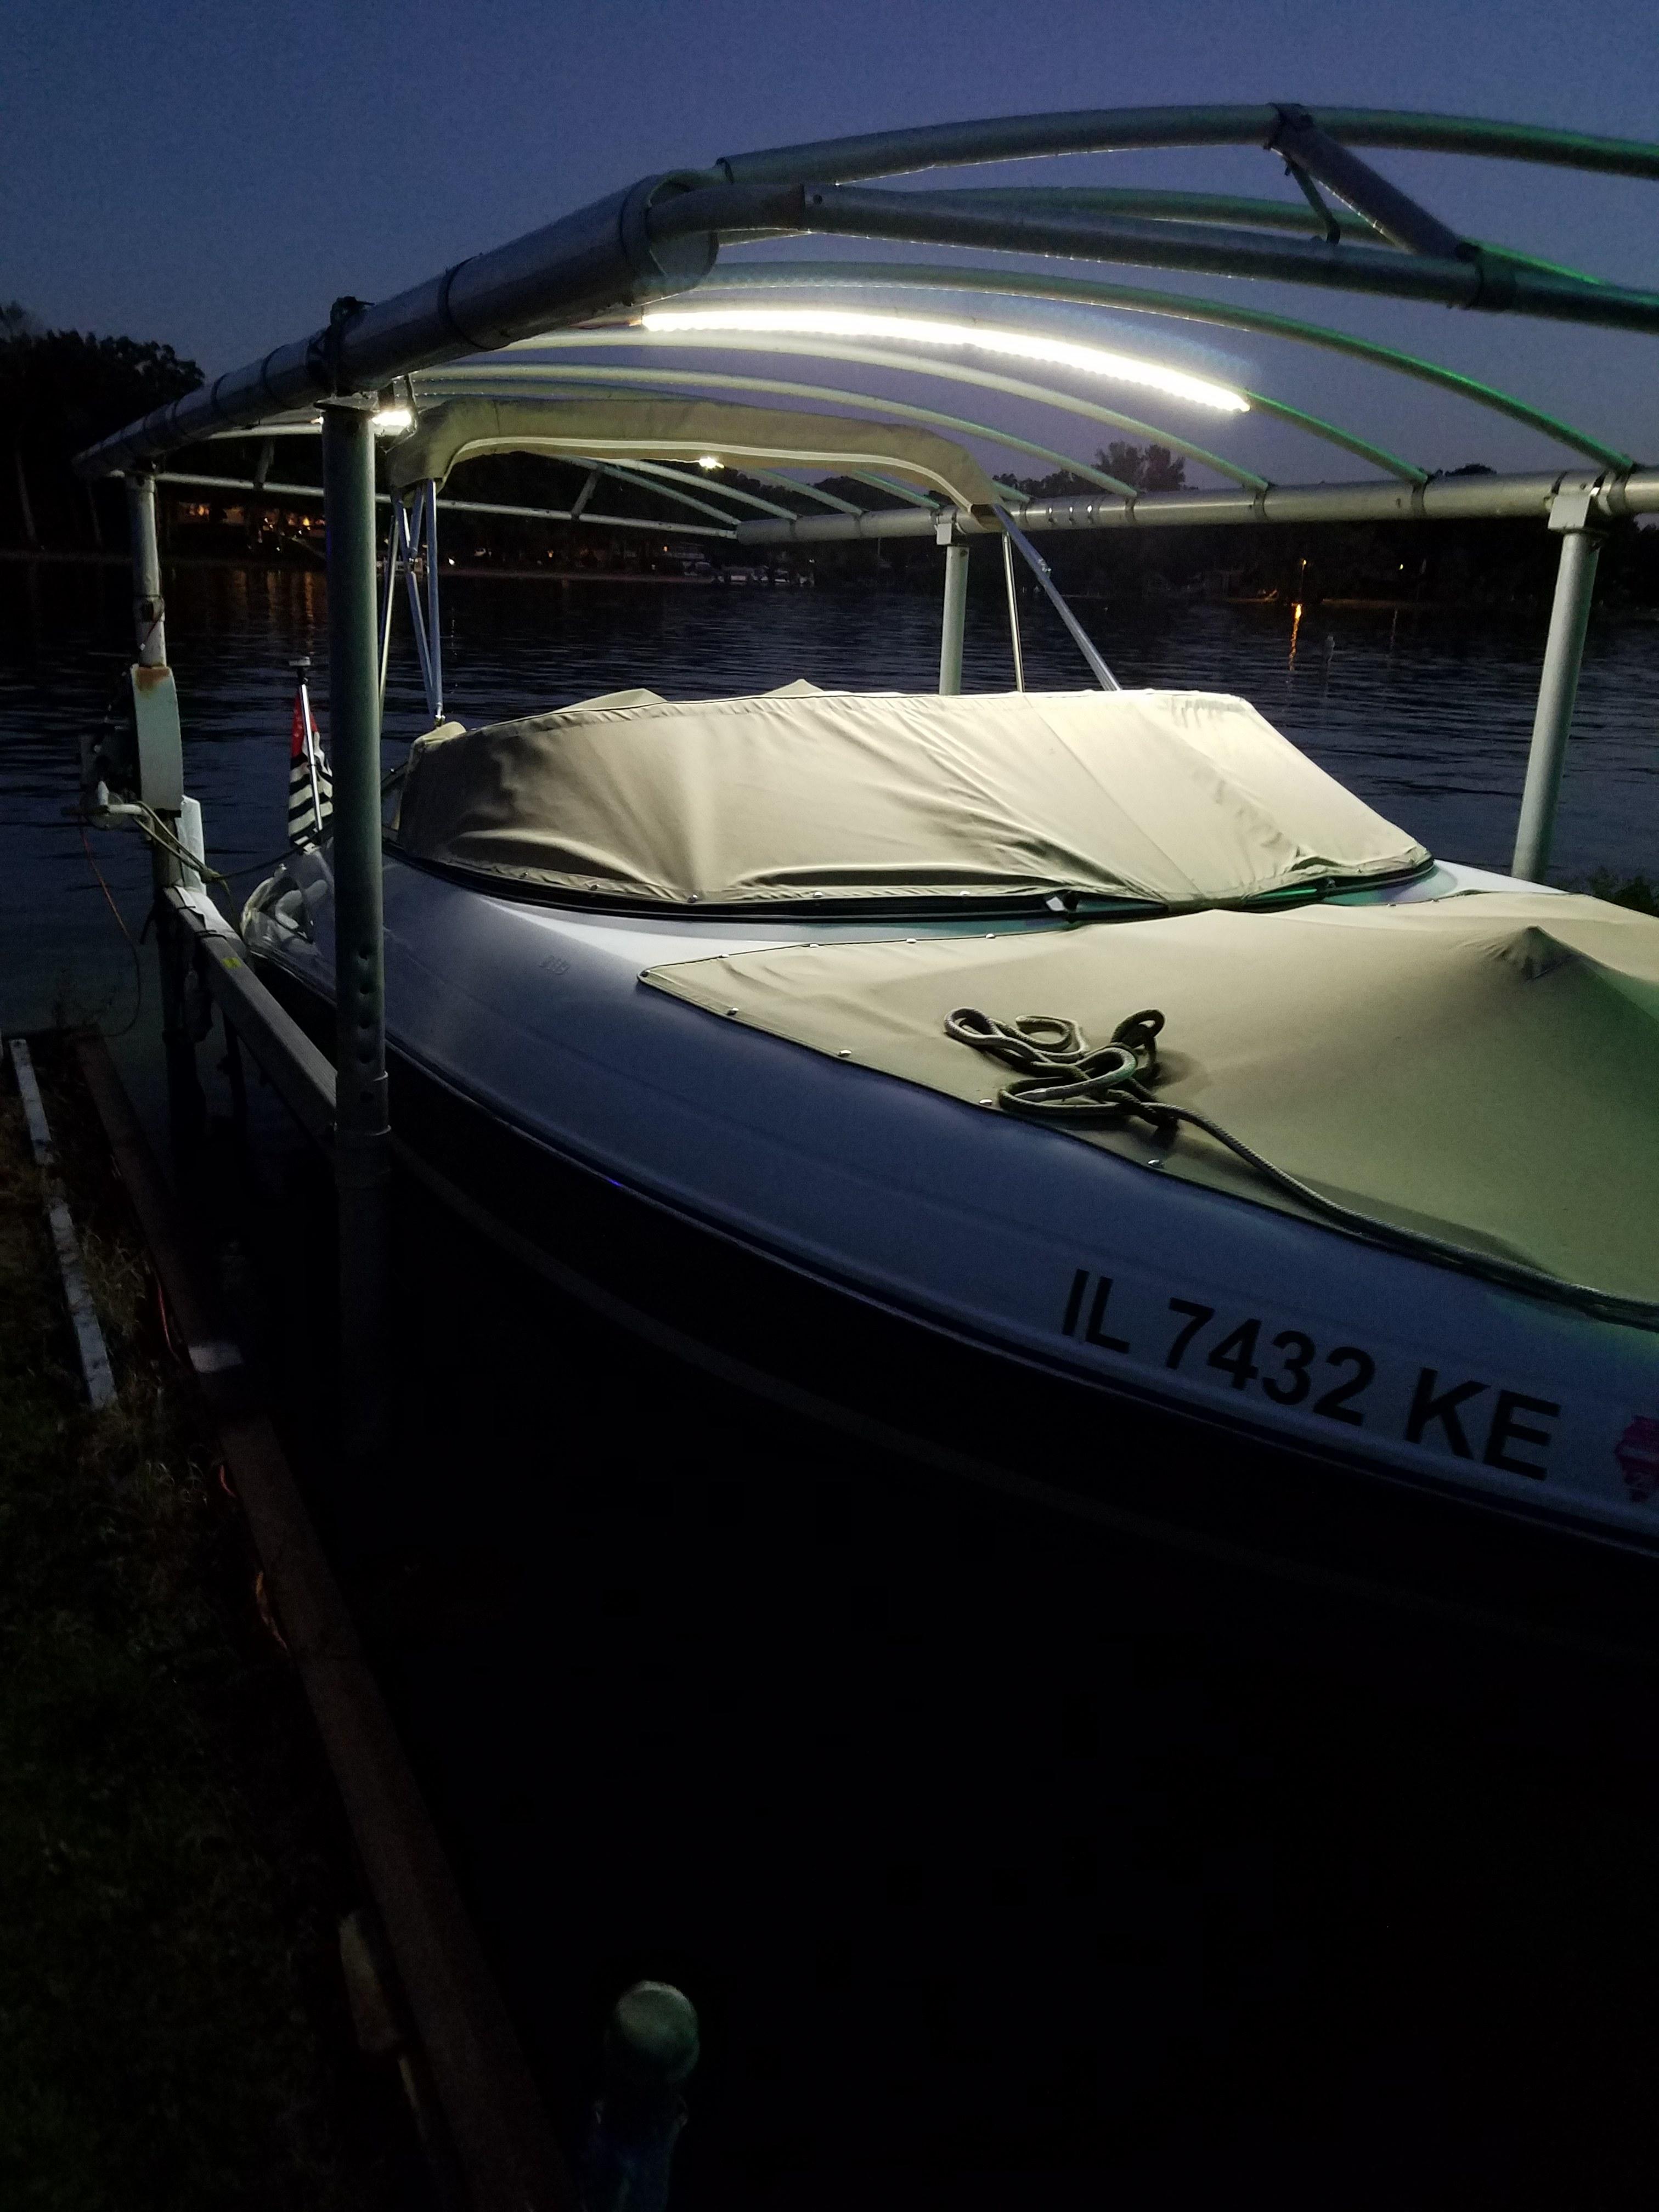 Boat Lift Canopy Led Light White Buy Online For 64 95 At